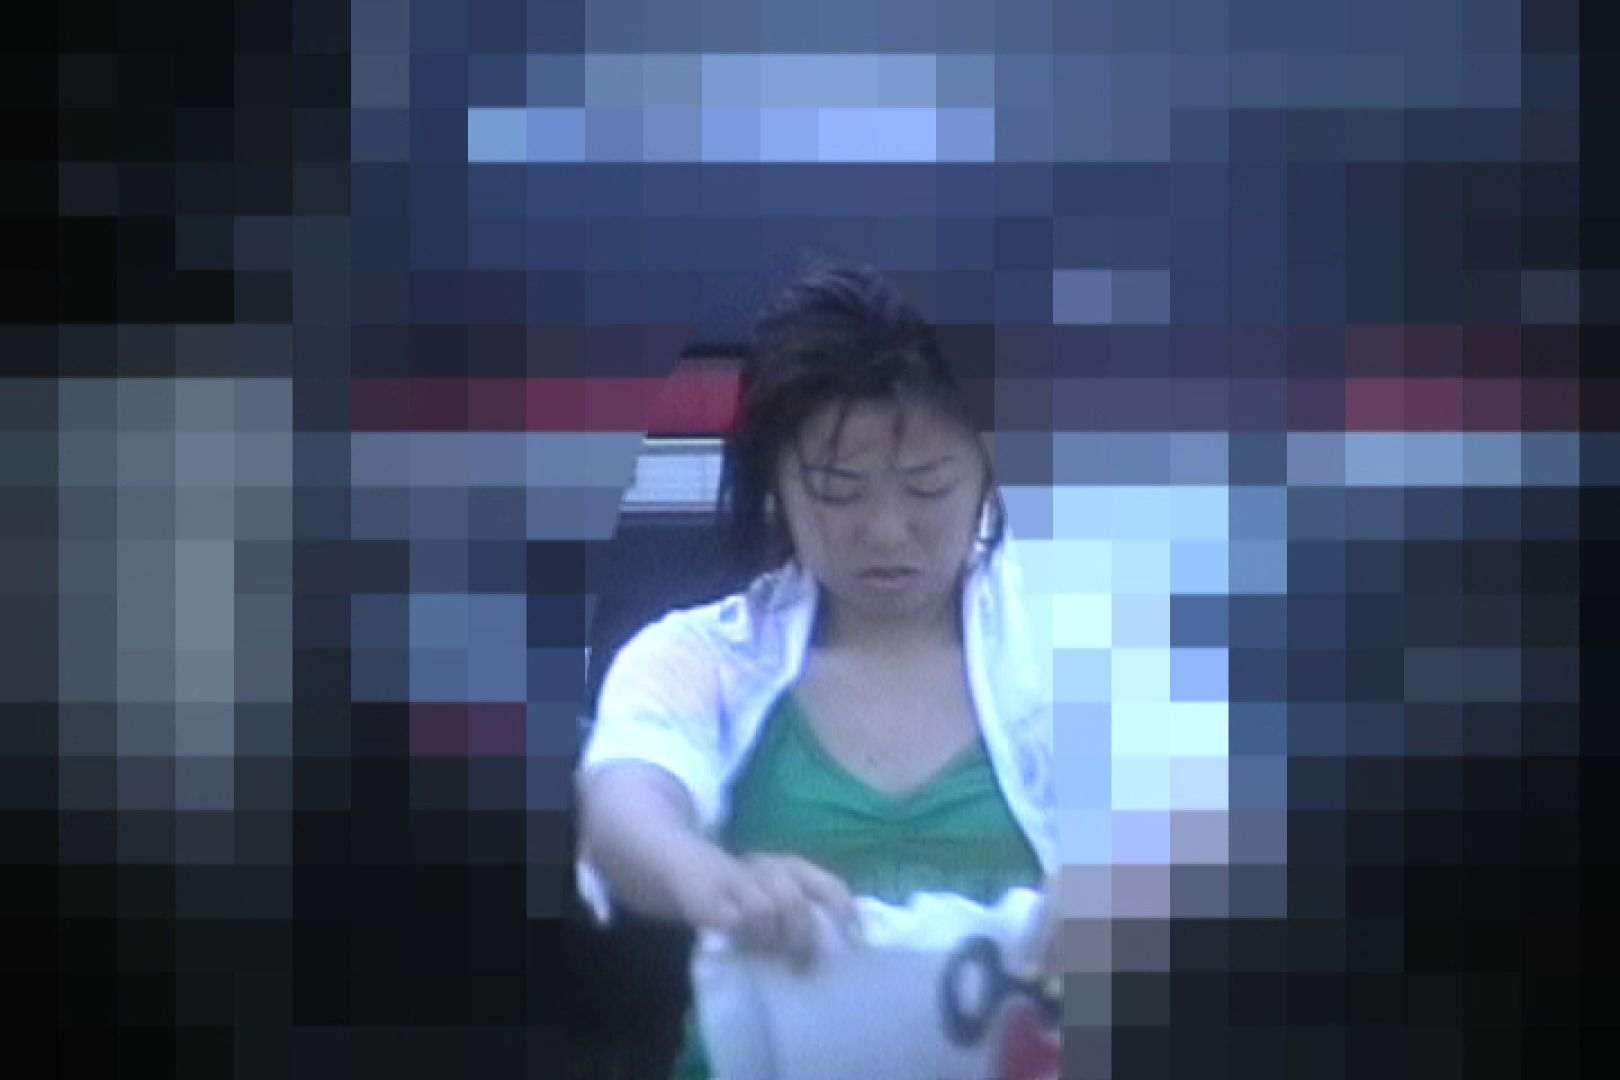 No.36 少し垂れたおっぱいと小さな乳首 シャワー室 アダルト動画キャプチャ 52画像 12